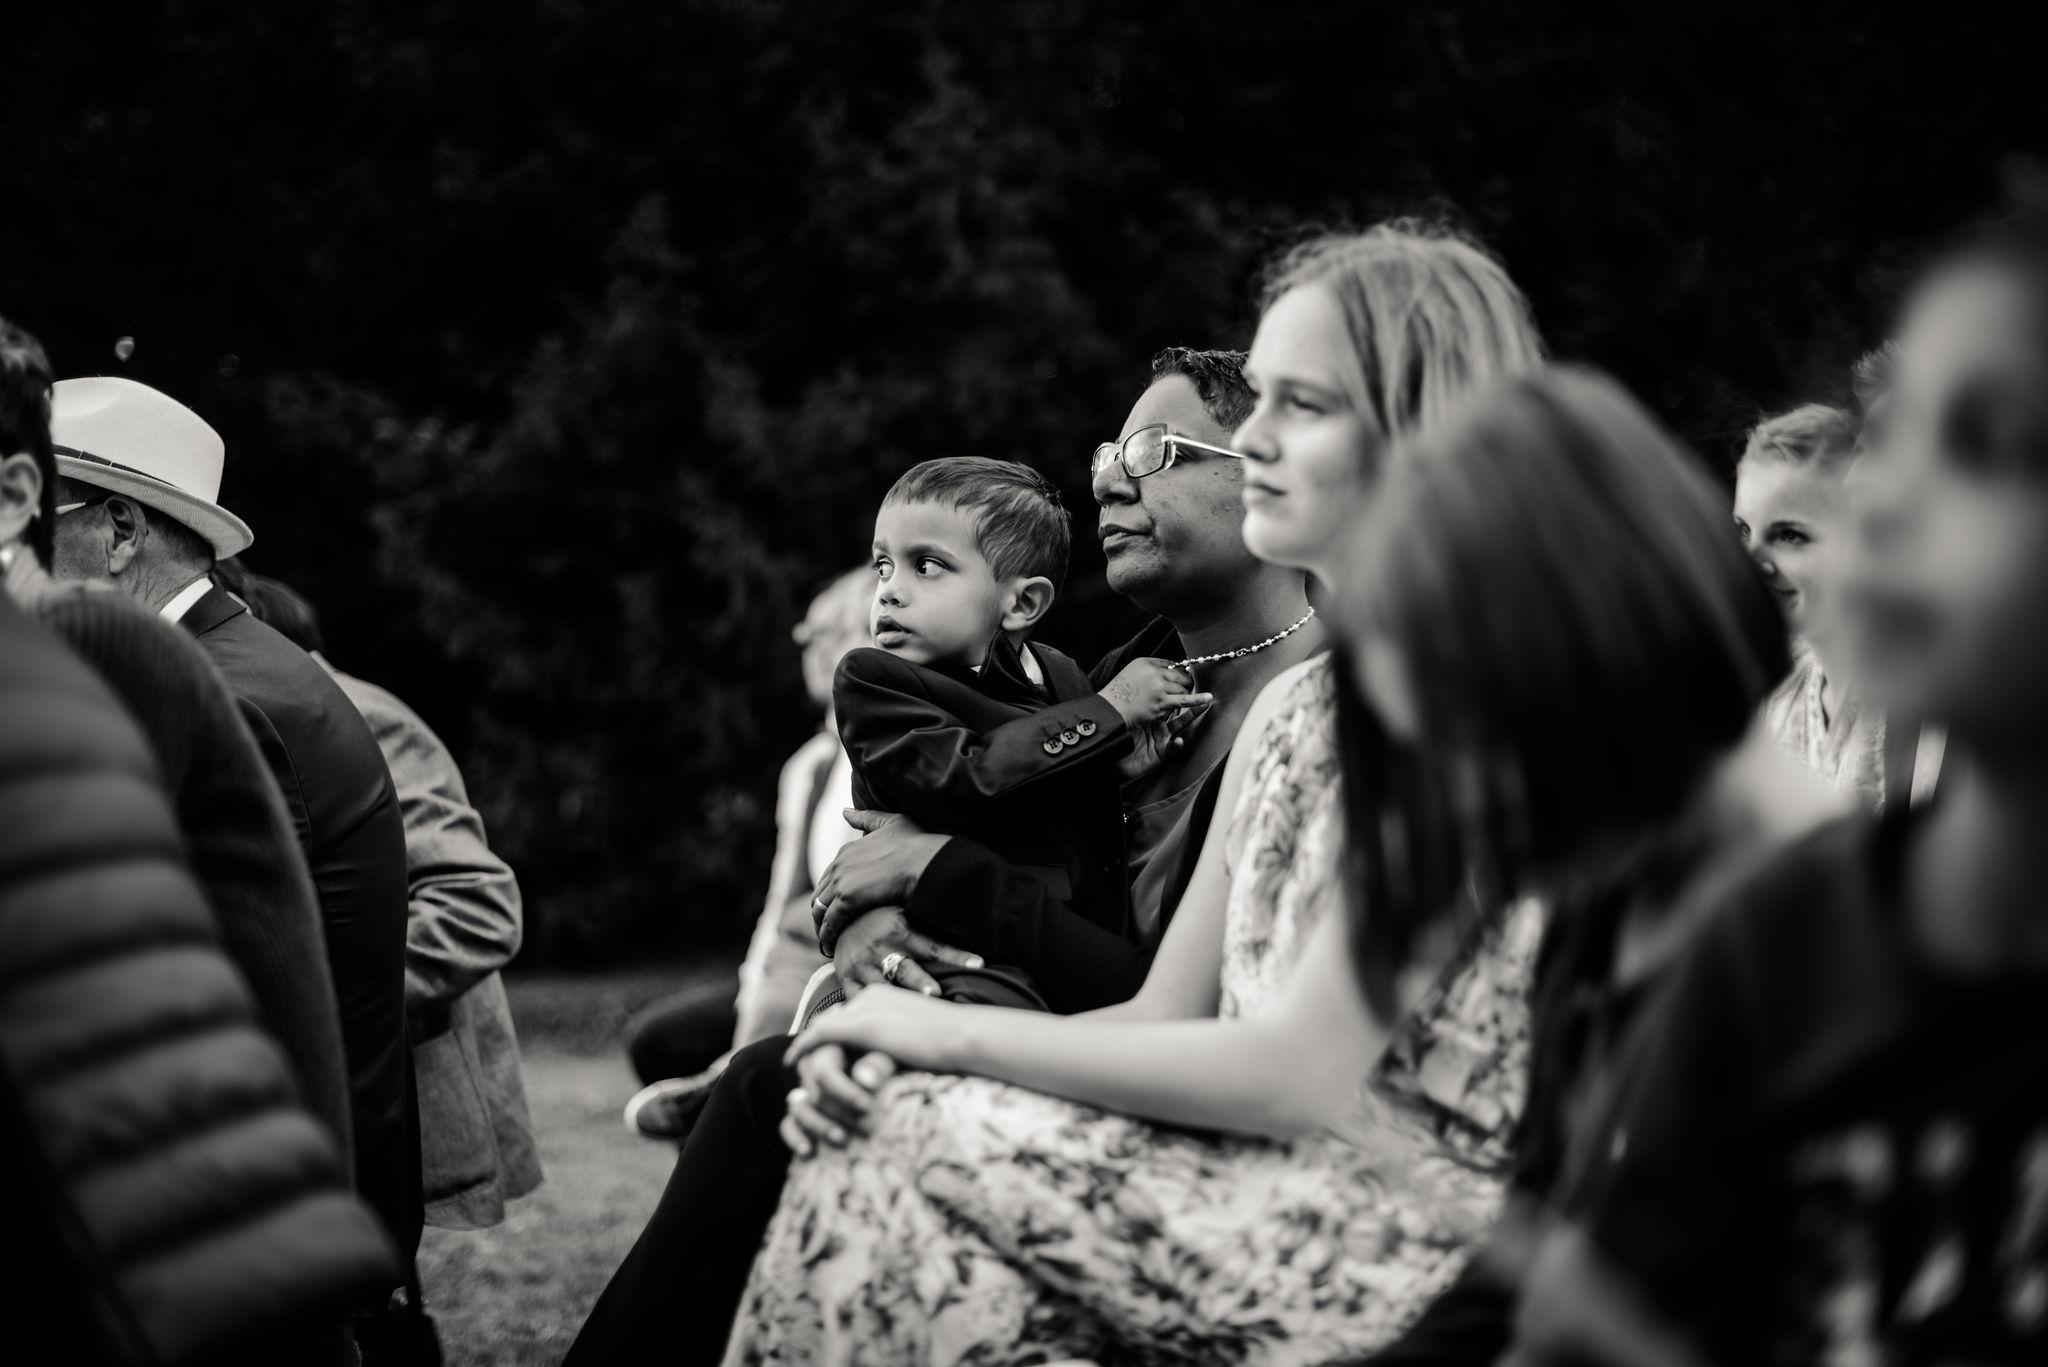 Léa-Fery-photographe-professionnel-lyon-rhone-alpes-portrait-creation-mariage-evenement-evenementiel-famille-6891.jpg